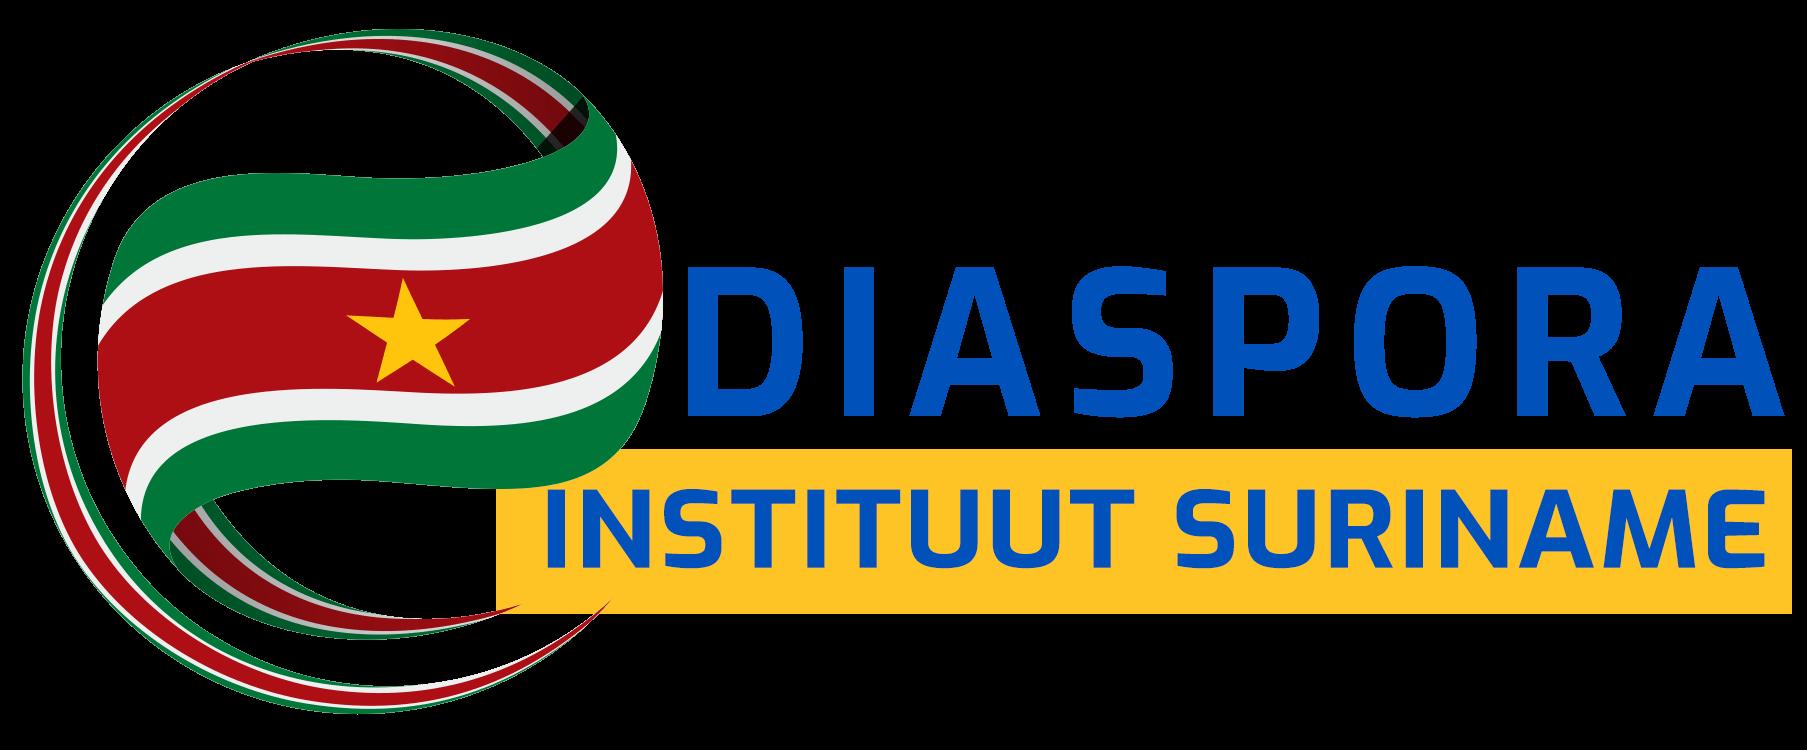 Diaspora Institute Suriname Logo